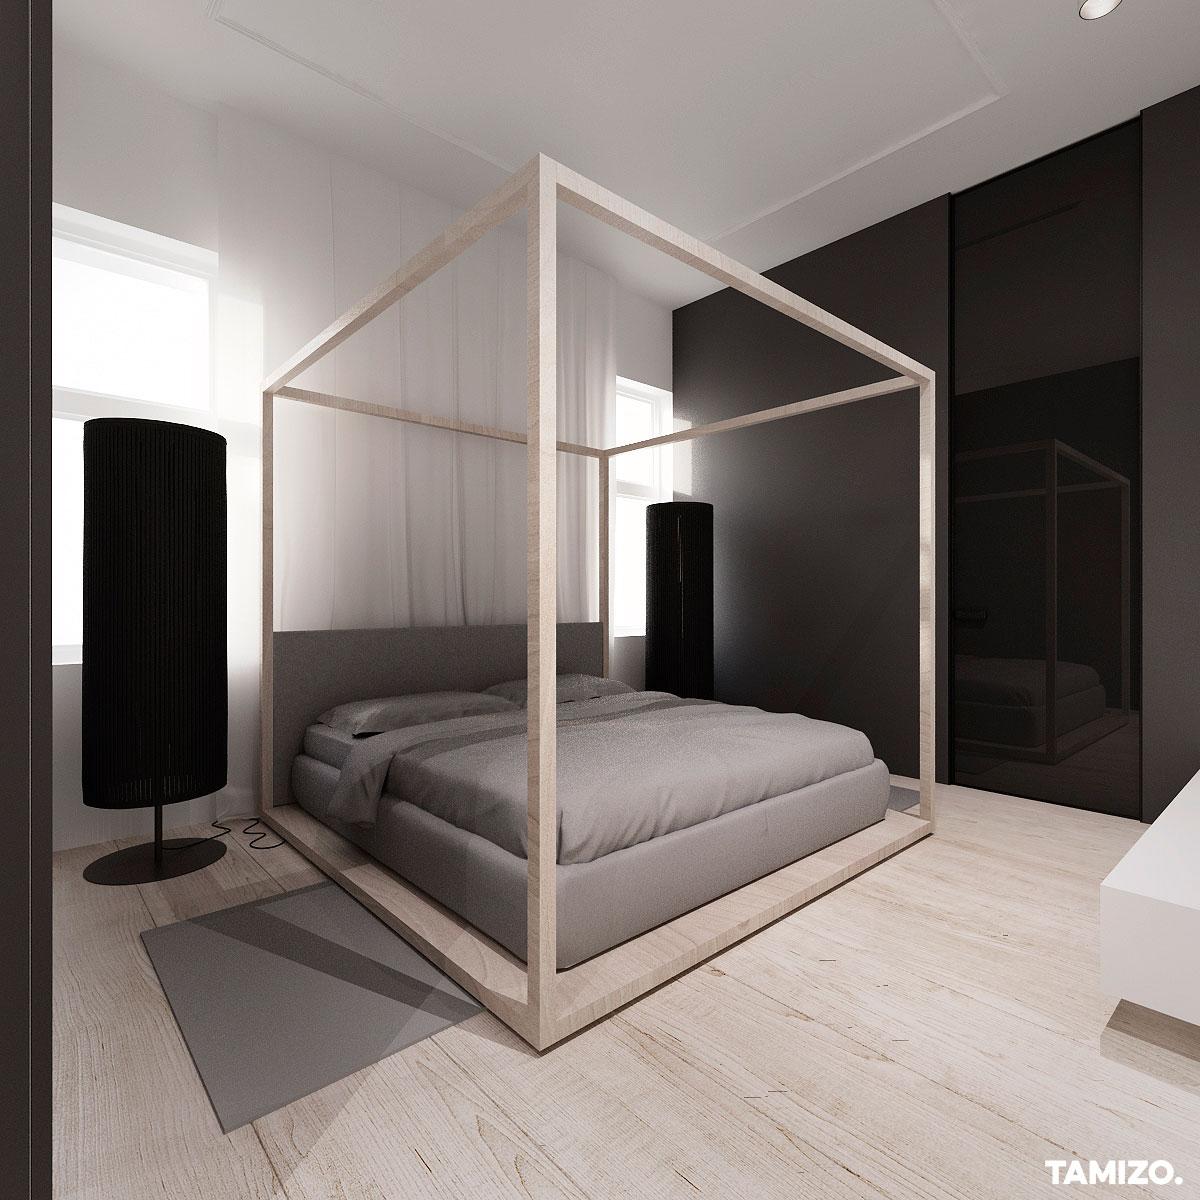 I057_tamizo_architekci_projekt-wnetrz-stara-kamienica-wnetrze-klasyczne-minimalizm-warszawa-14